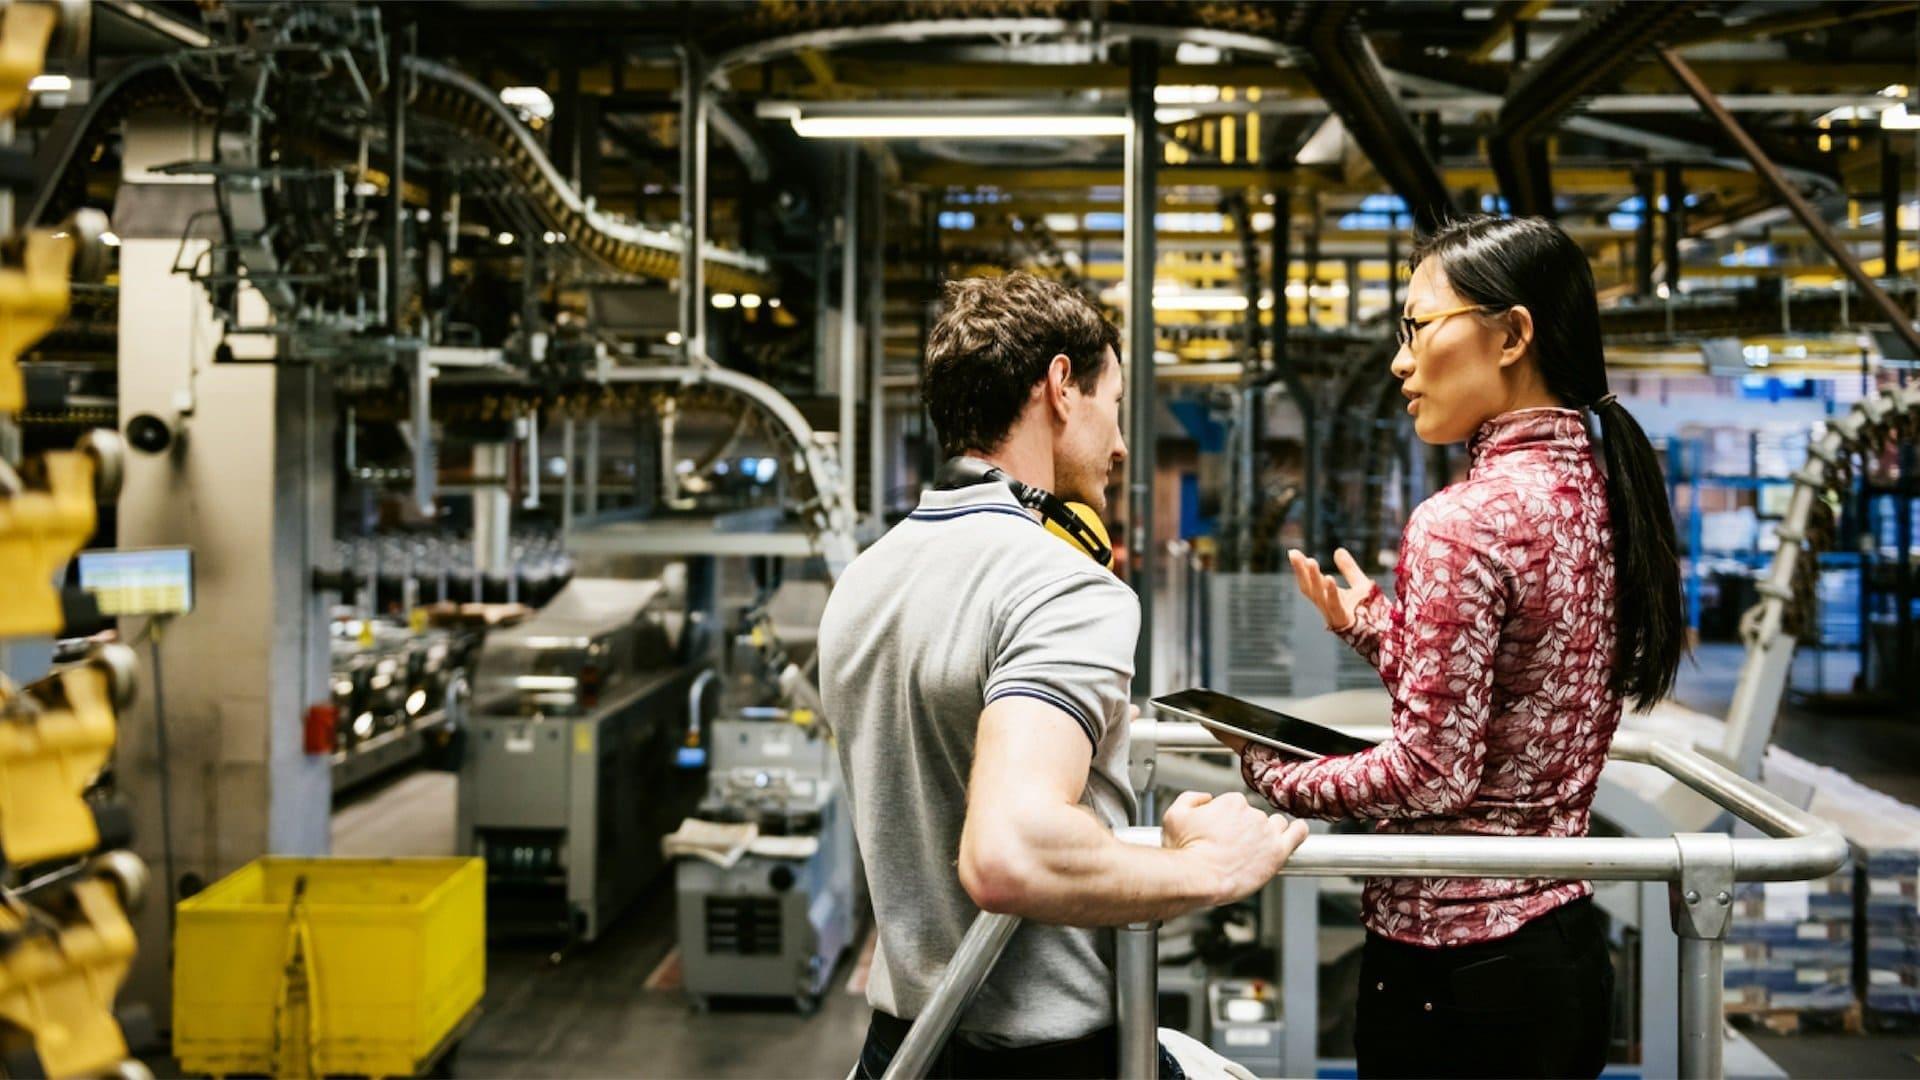 O futuro da indústria está nas pessoas